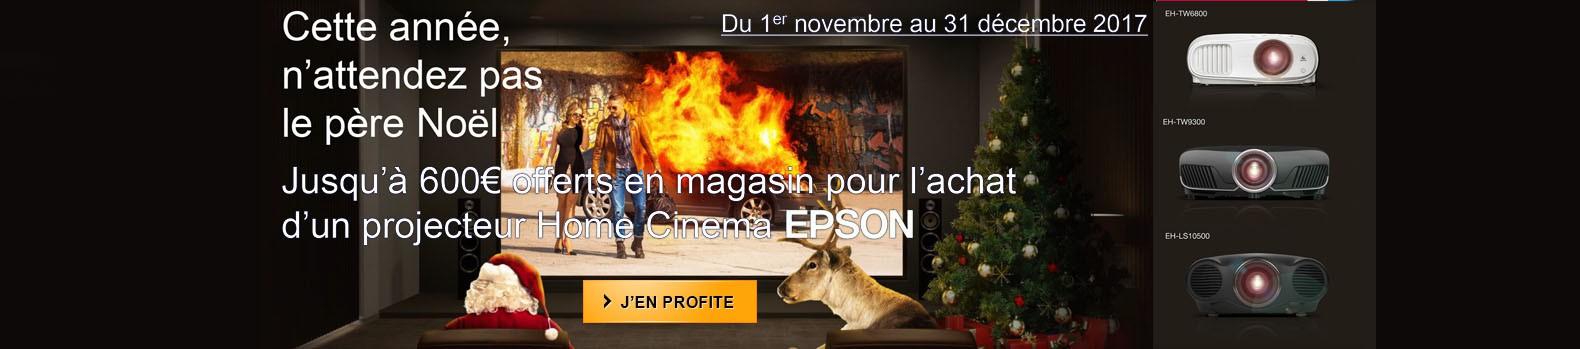 Jusqu'à 600€ remboursés pour l'achat d'un projecteur home cinéma EPSON